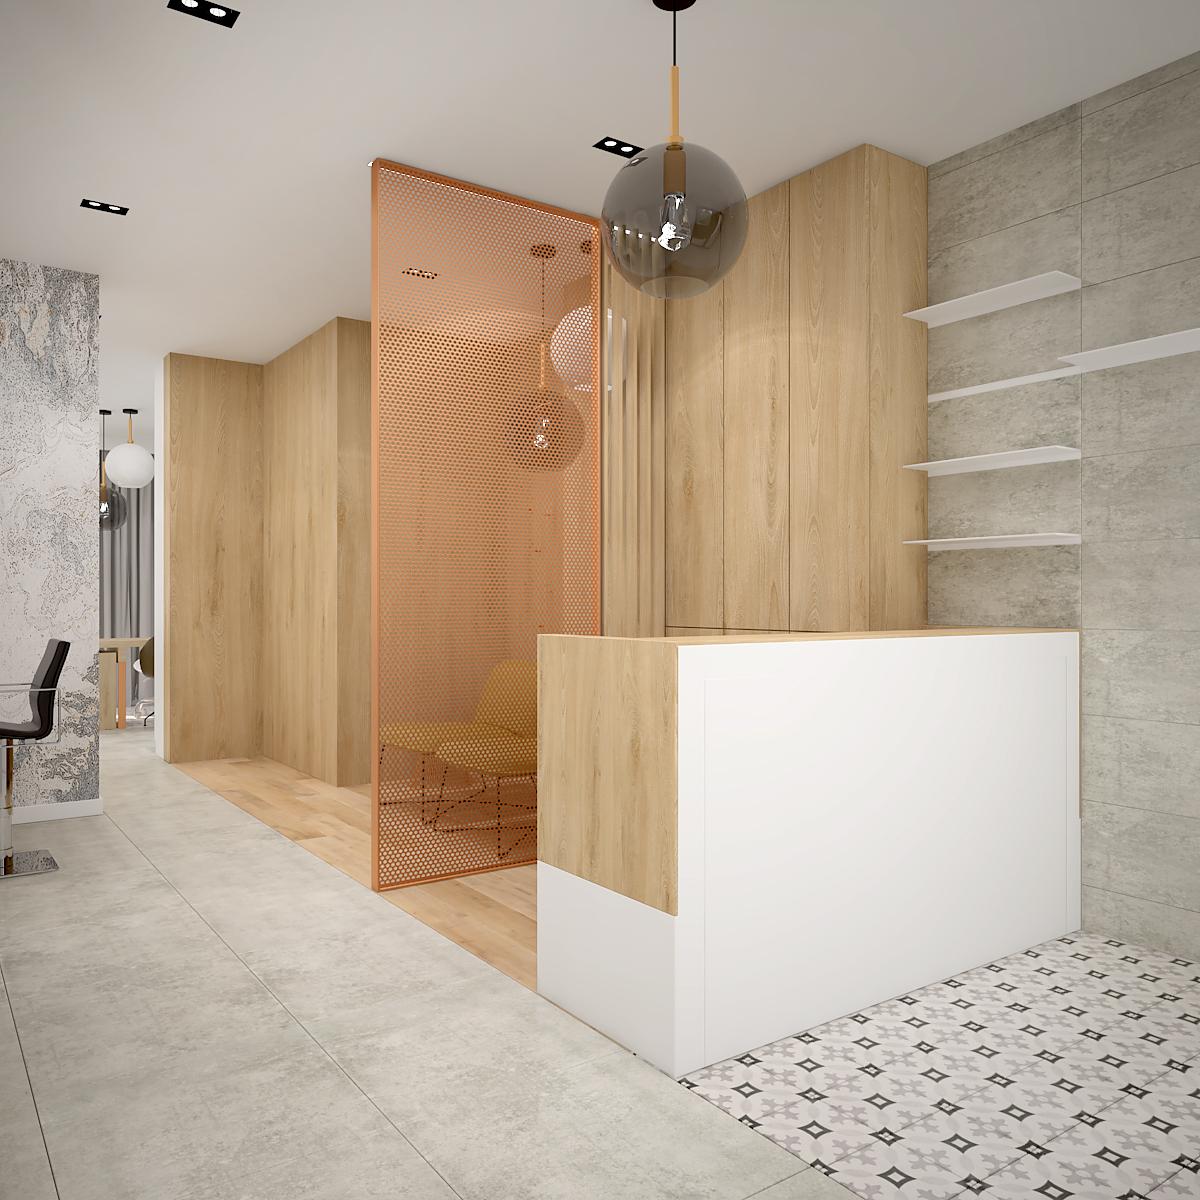 1 projekt wnetrza 544 salon kosmetyczny krakow recepcja lada recepcyjna pomaranczowa azurowa scianka polaczenia drewna i plytek